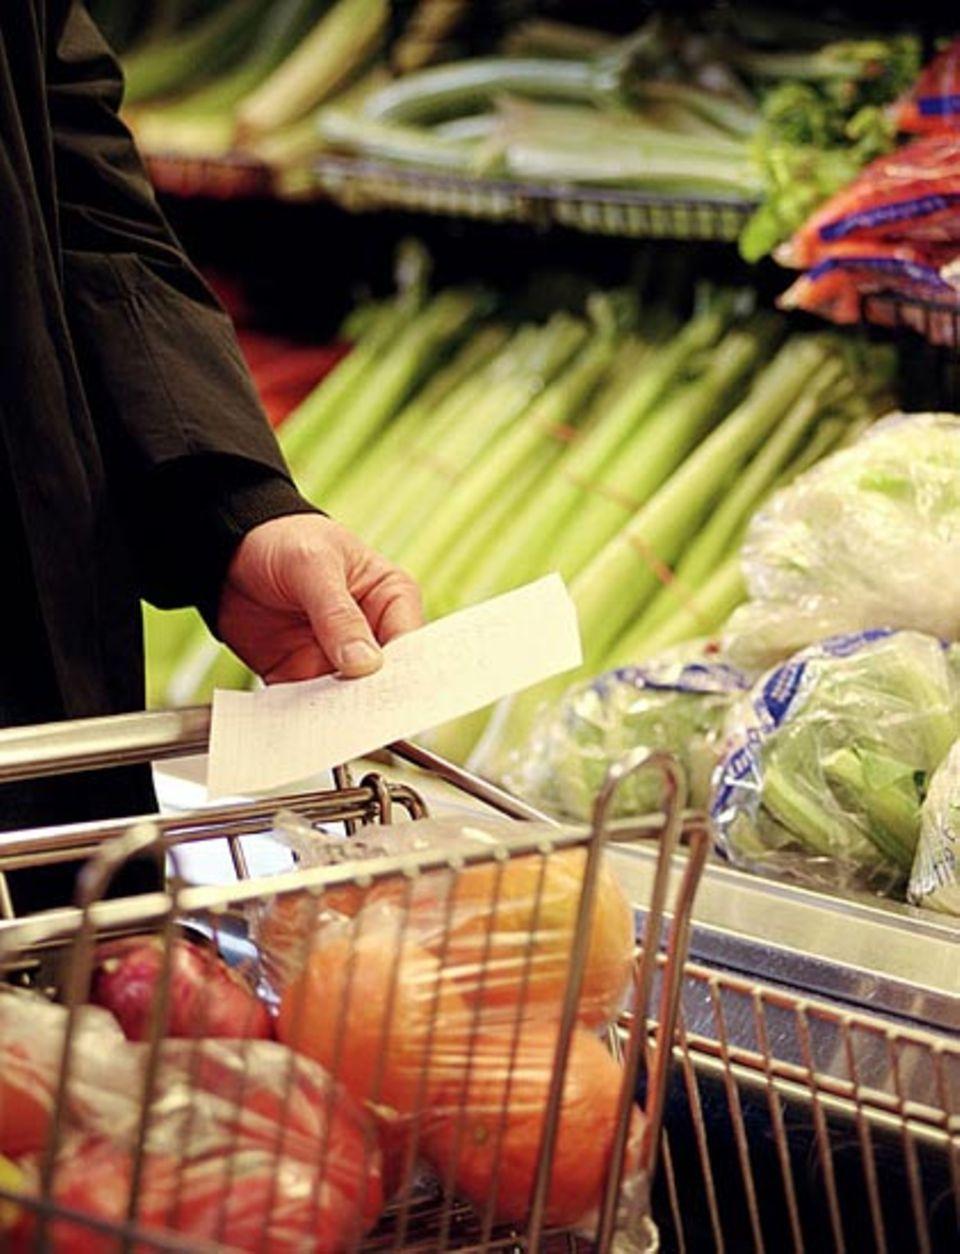 Wer überlegt einkauft, kann Gemüse mit hohen Pestizid-Rückständen vermeiden